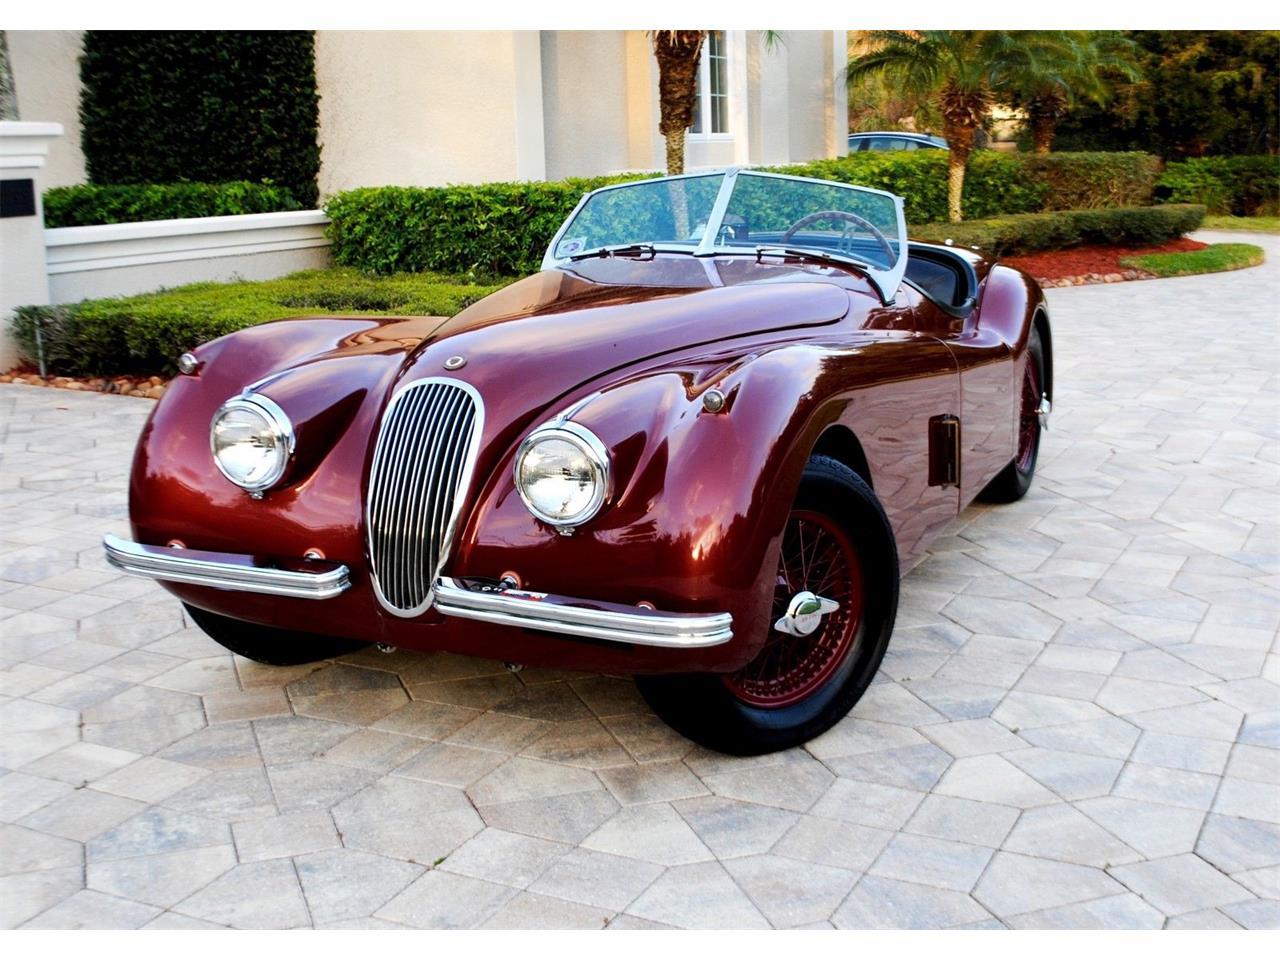 1954 jaguar xk120 se ots roadster for sale | classiccars | cc-911612